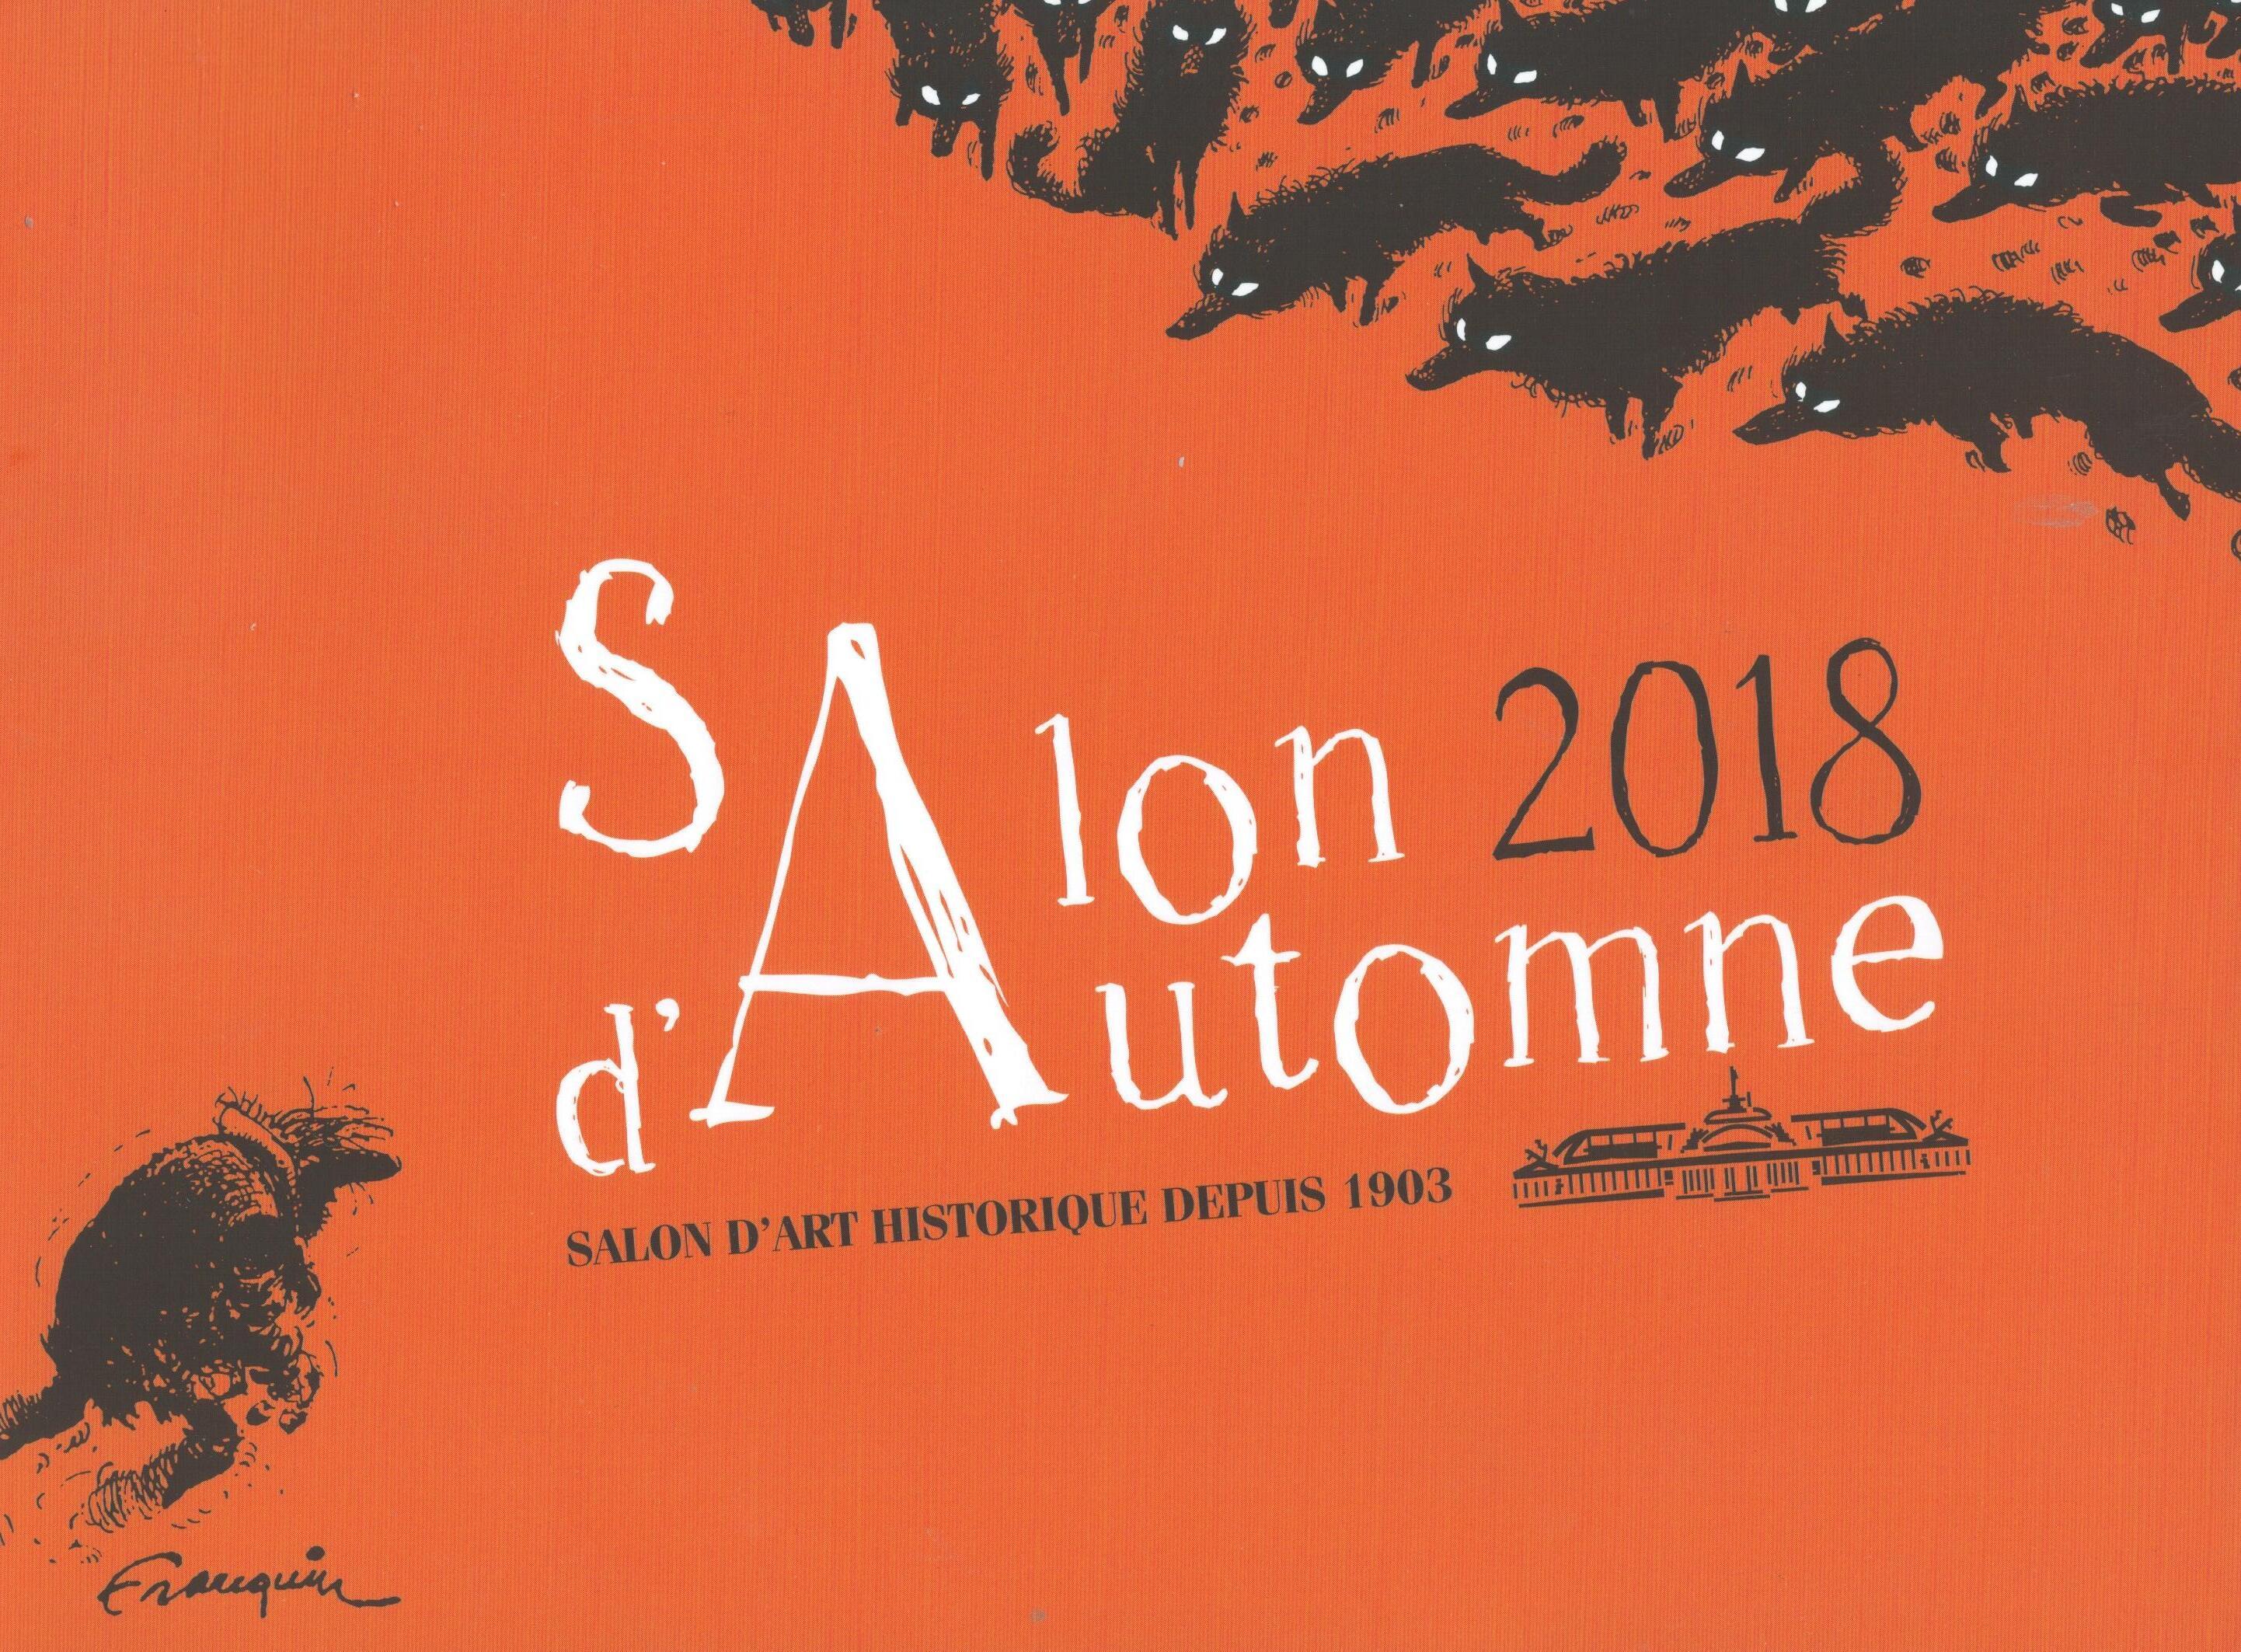 Affiche du Salon d'automne 2018